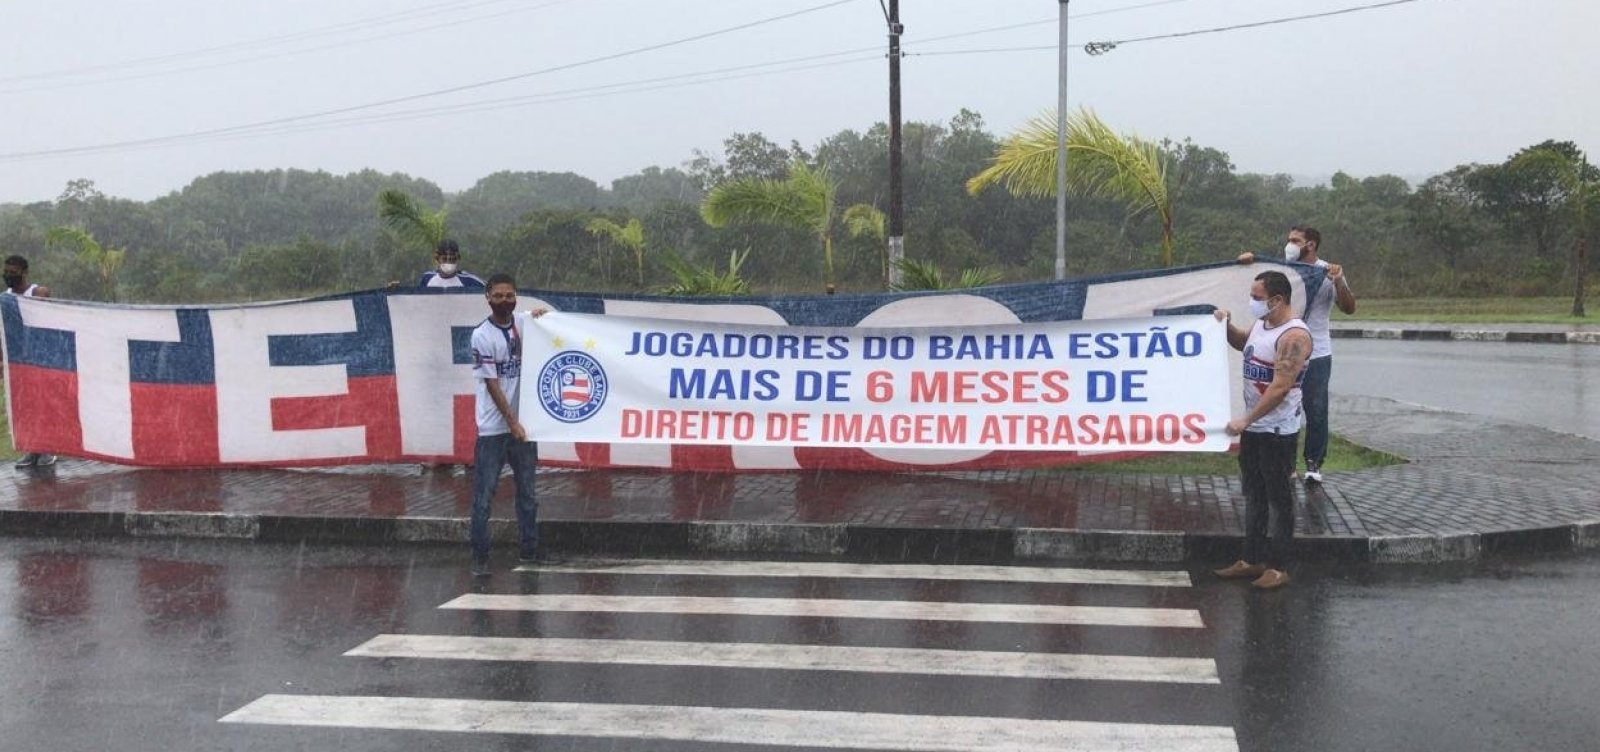 Torcedores do Bahia promovem protesto e se encontram com jogadores no CT